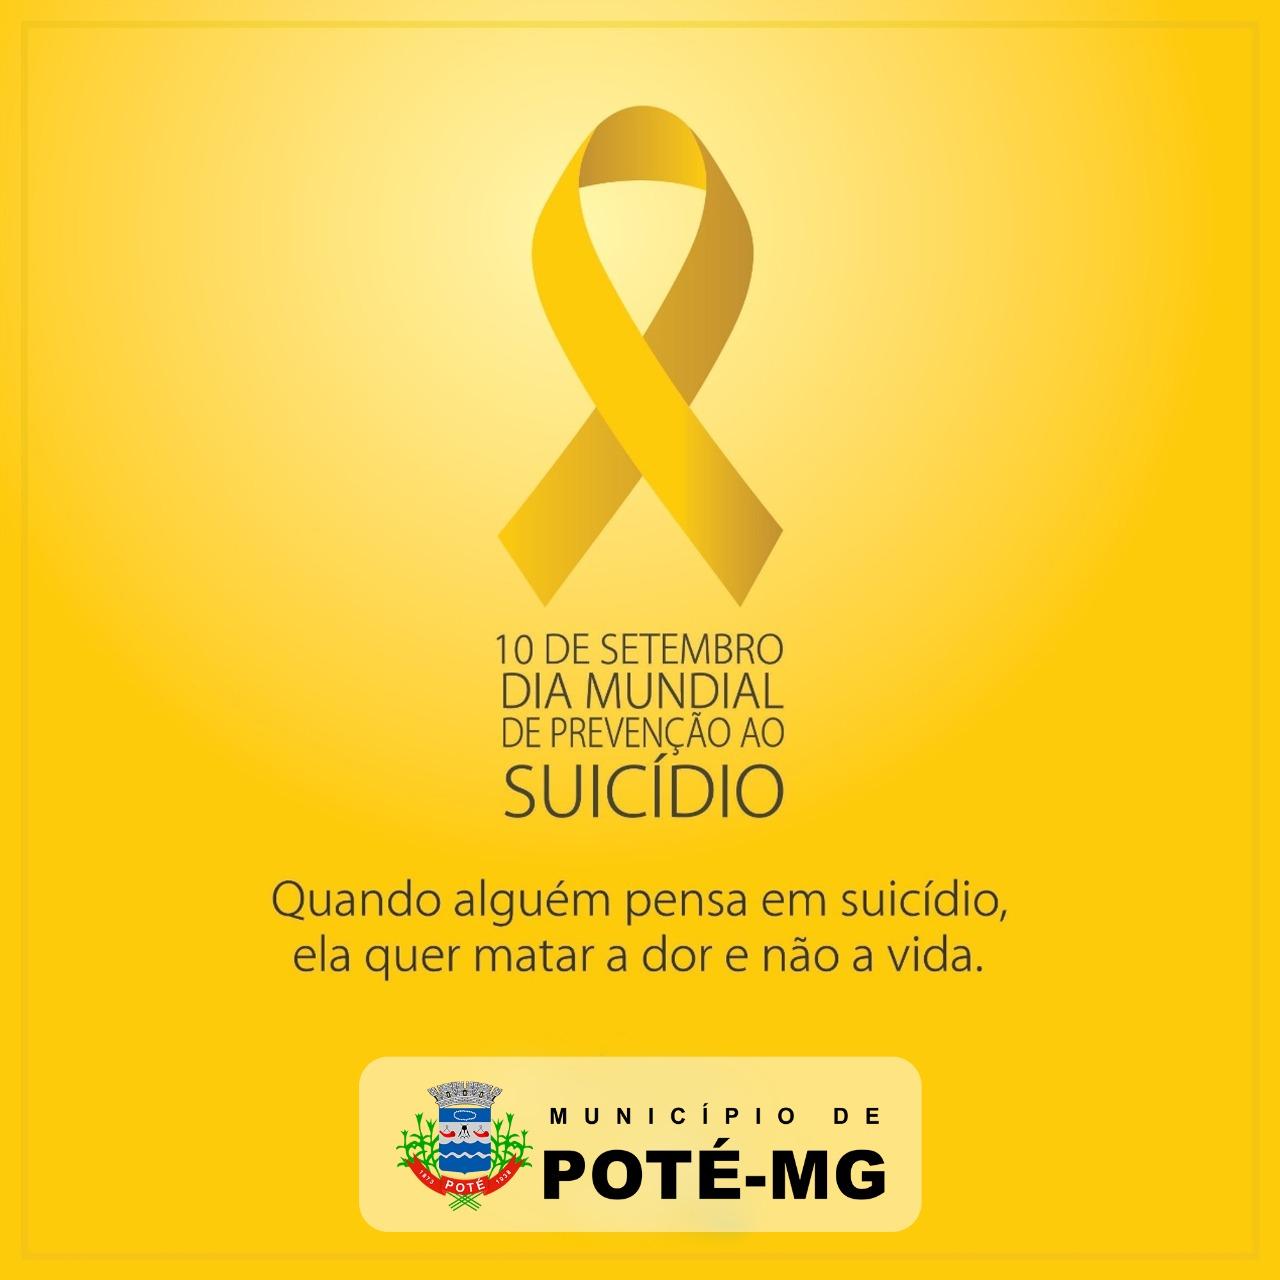 10 DE SETEMBRO: DIA MUNDIAL DE PREVENÇÃO AO SUICÍDIO